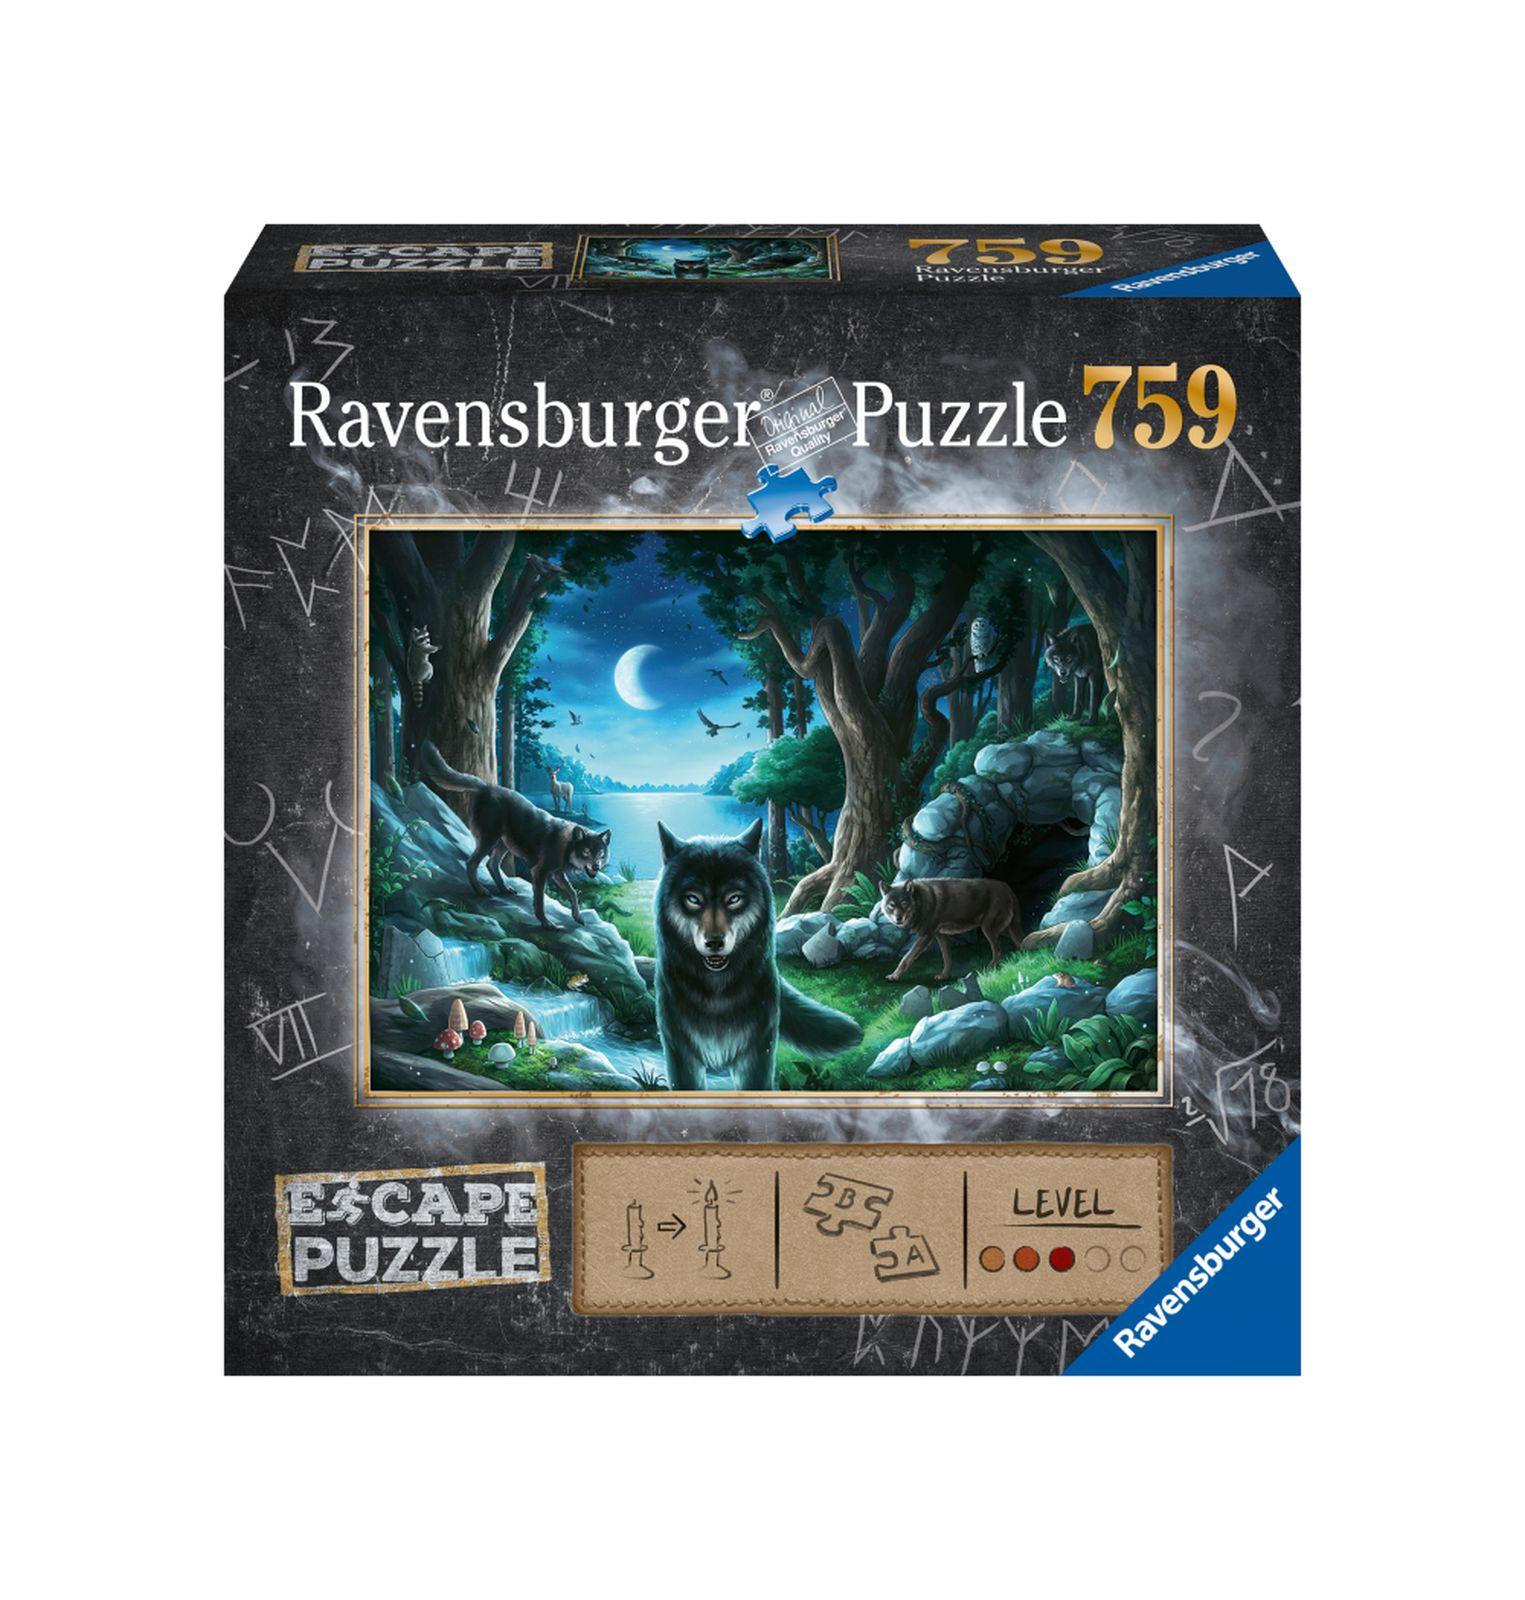 Ravensburger escape the puzzle - il branco di lupi - Ravensburger1